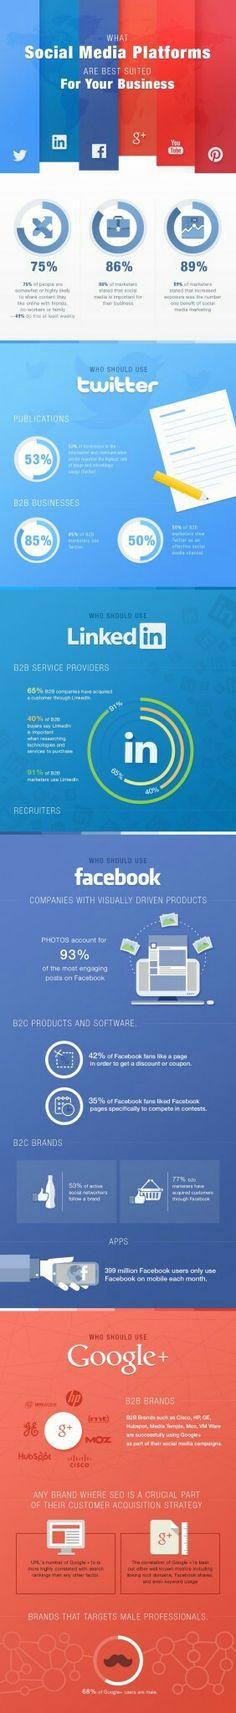 Quel réseau social choisir pour bâtir votre écosystème recherche relations et conversationsur ?